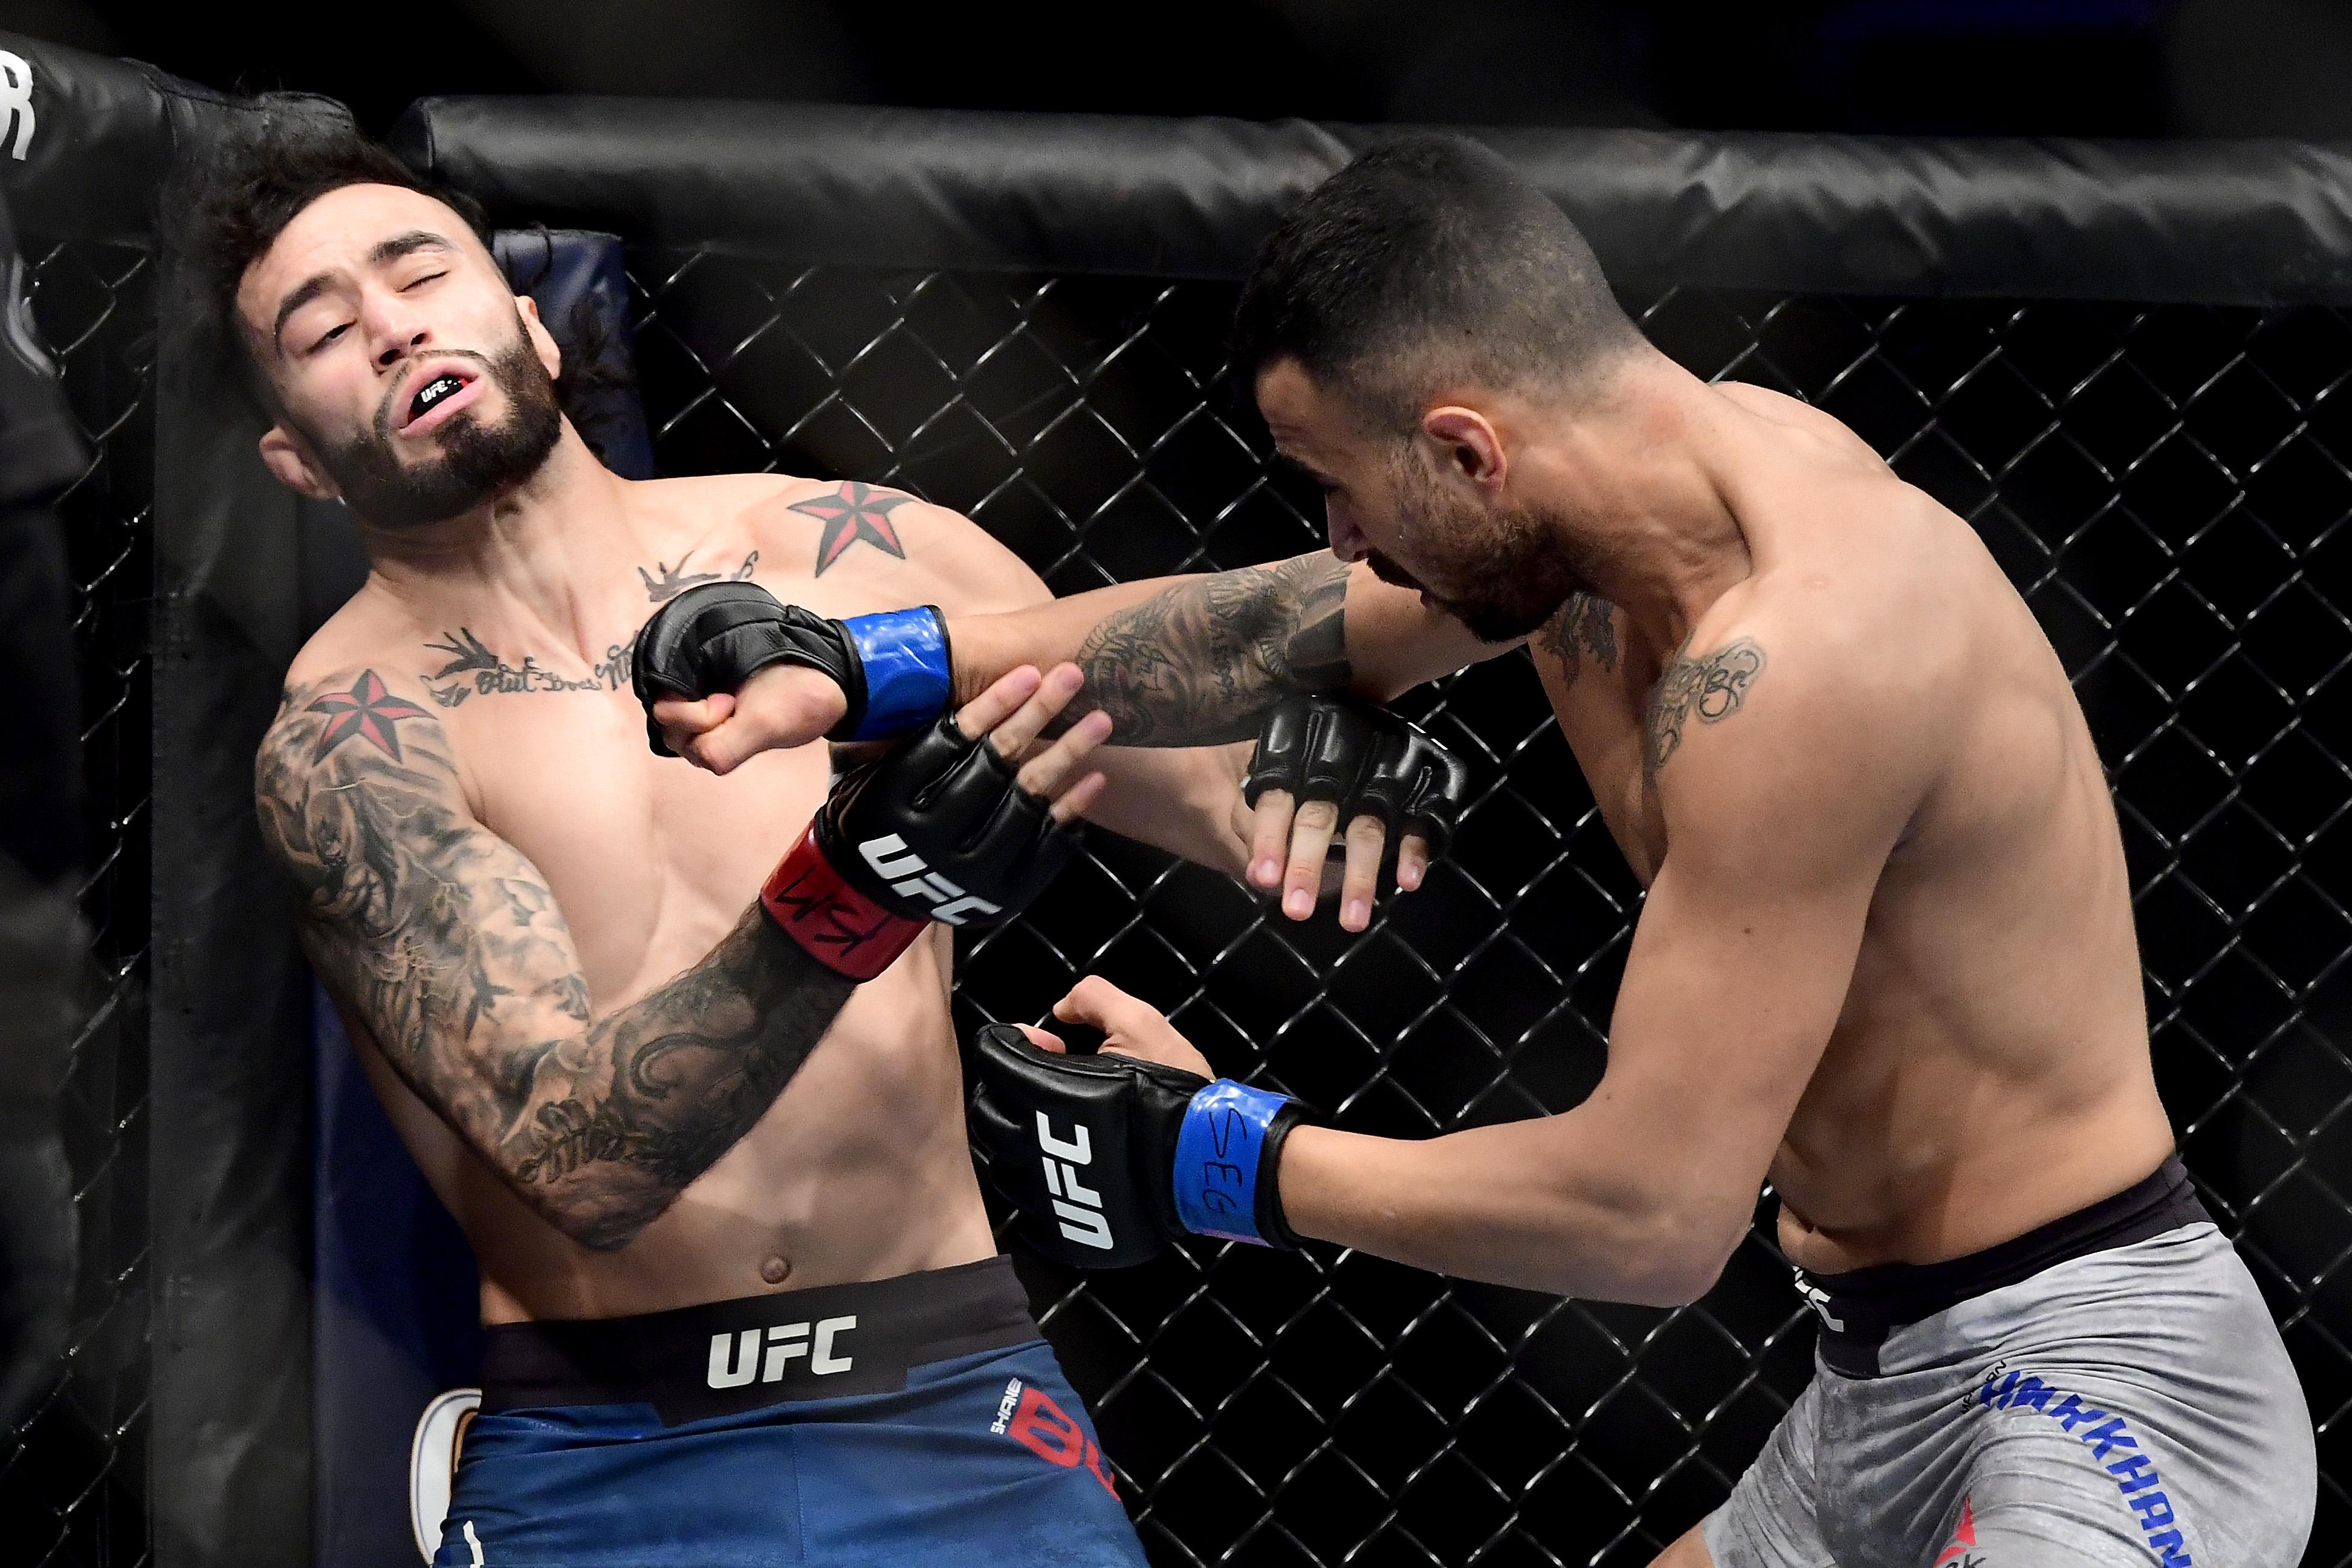 UFC 244 Burgos v Amirkhani